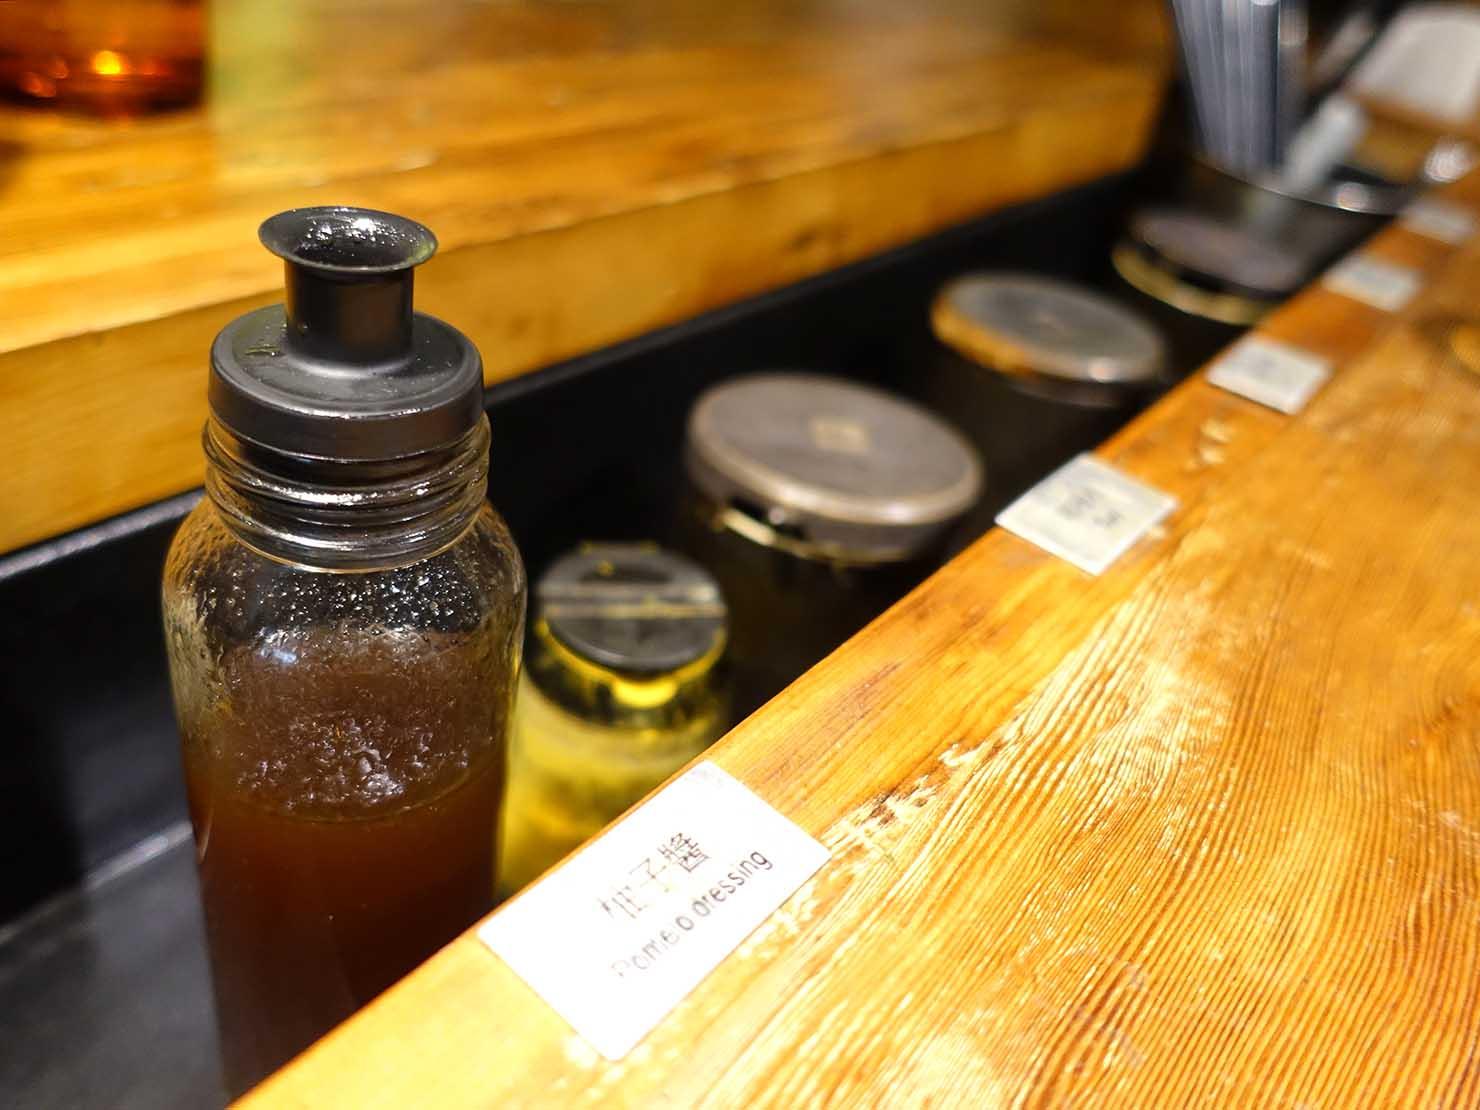 台北・國父紀念館のおすすめグルメ店「VEGE CREEK」のテーブルに並ぶ調味料